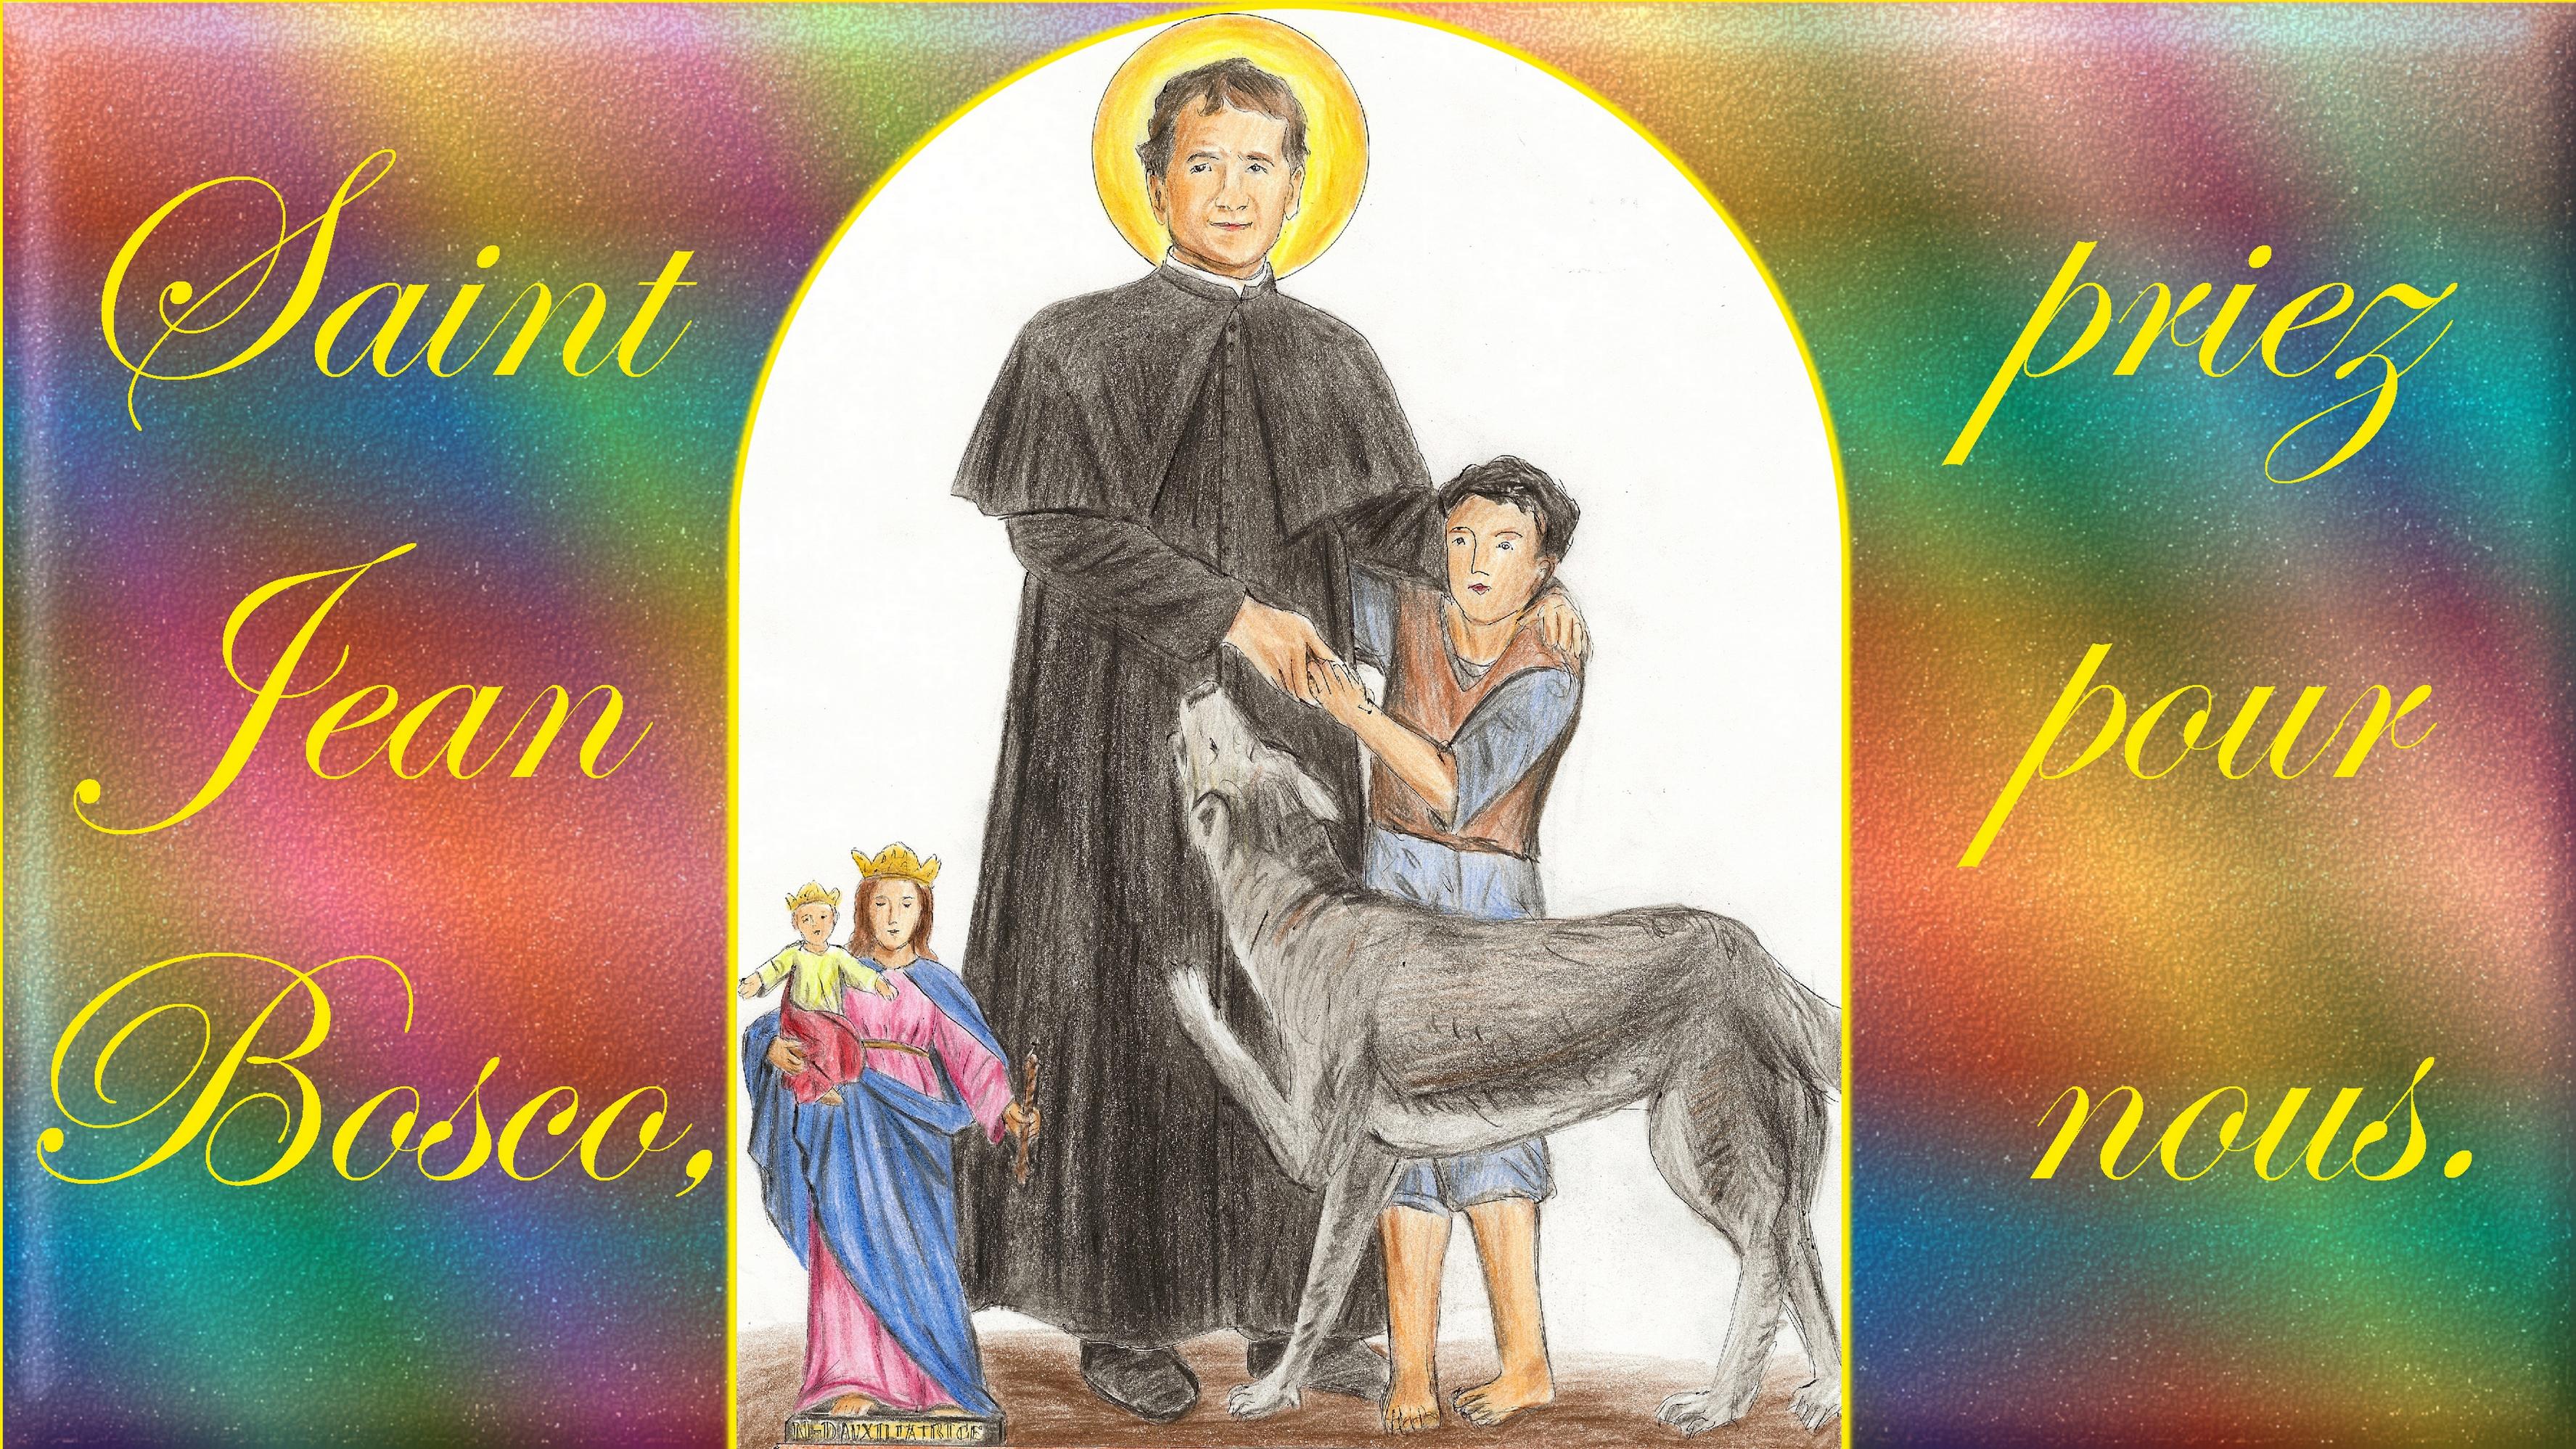 CALENDRIER CATHOLIQUE 2020 (Cantiques, Prières & Images) - Page 4 St-jean-bosco-570054d